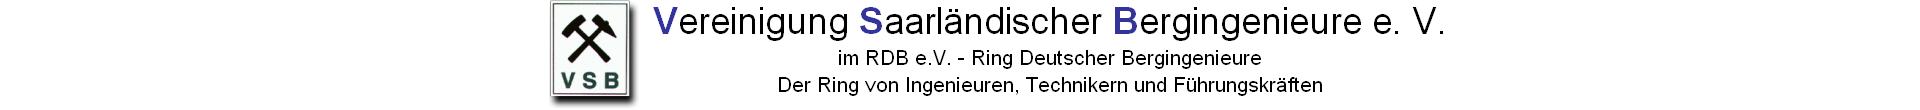 Vereinigung Saarländischer Bergingenieure e. V.